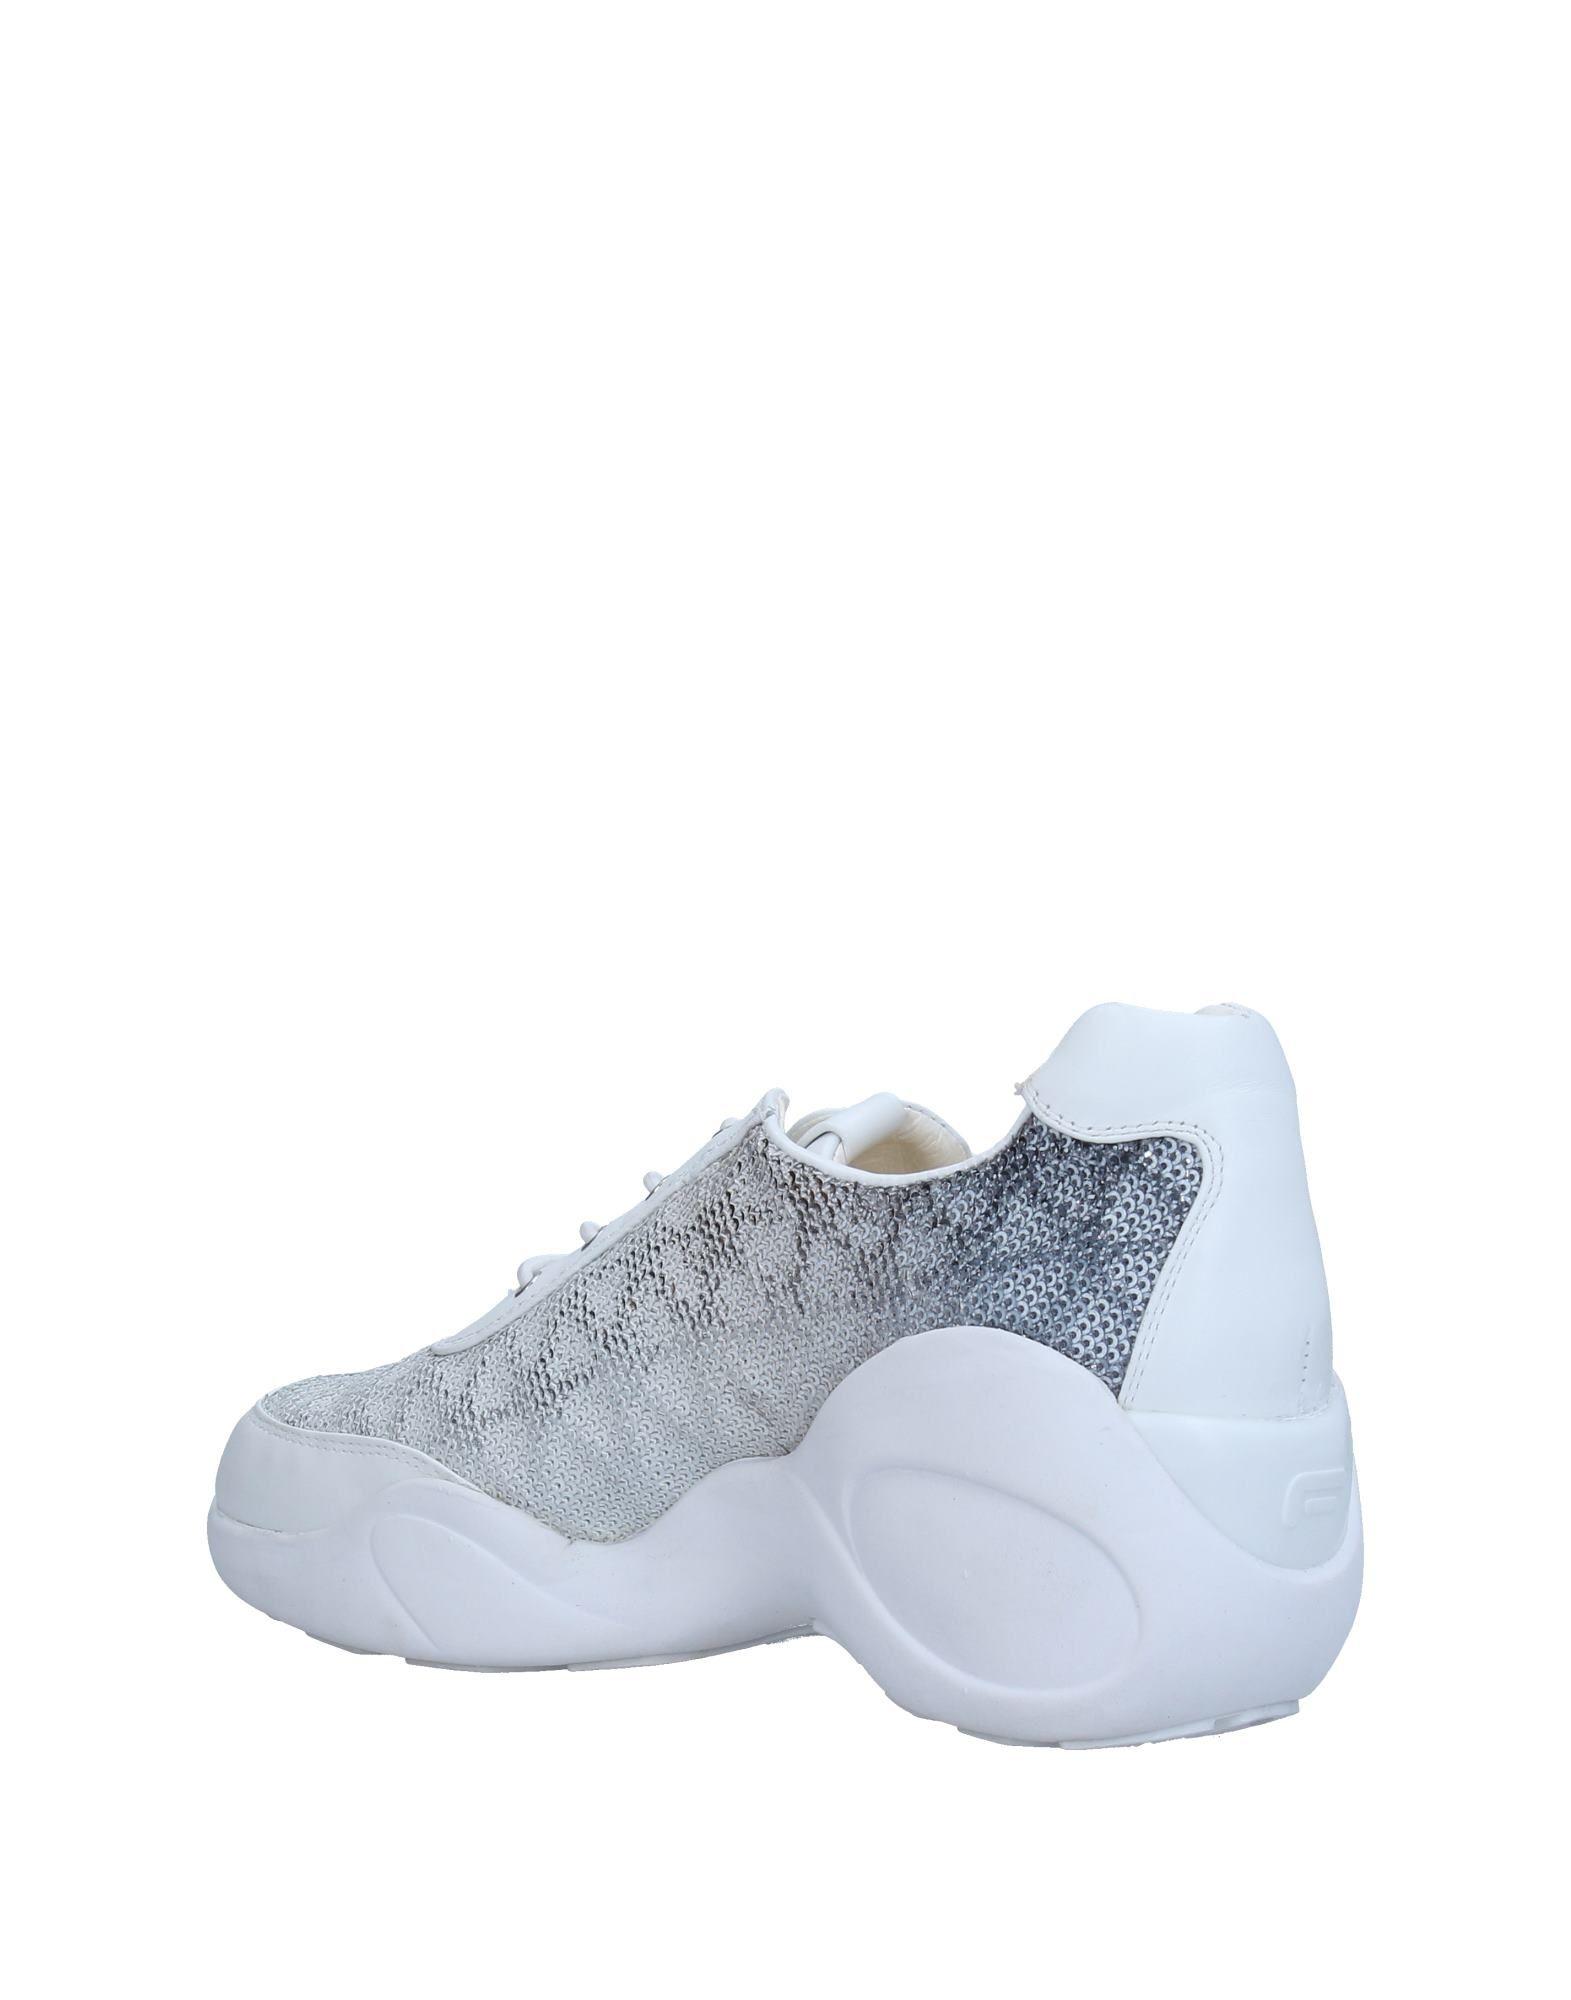 Fornarina Sneakers Damen  11326041JI 11326041JI   e3ea92